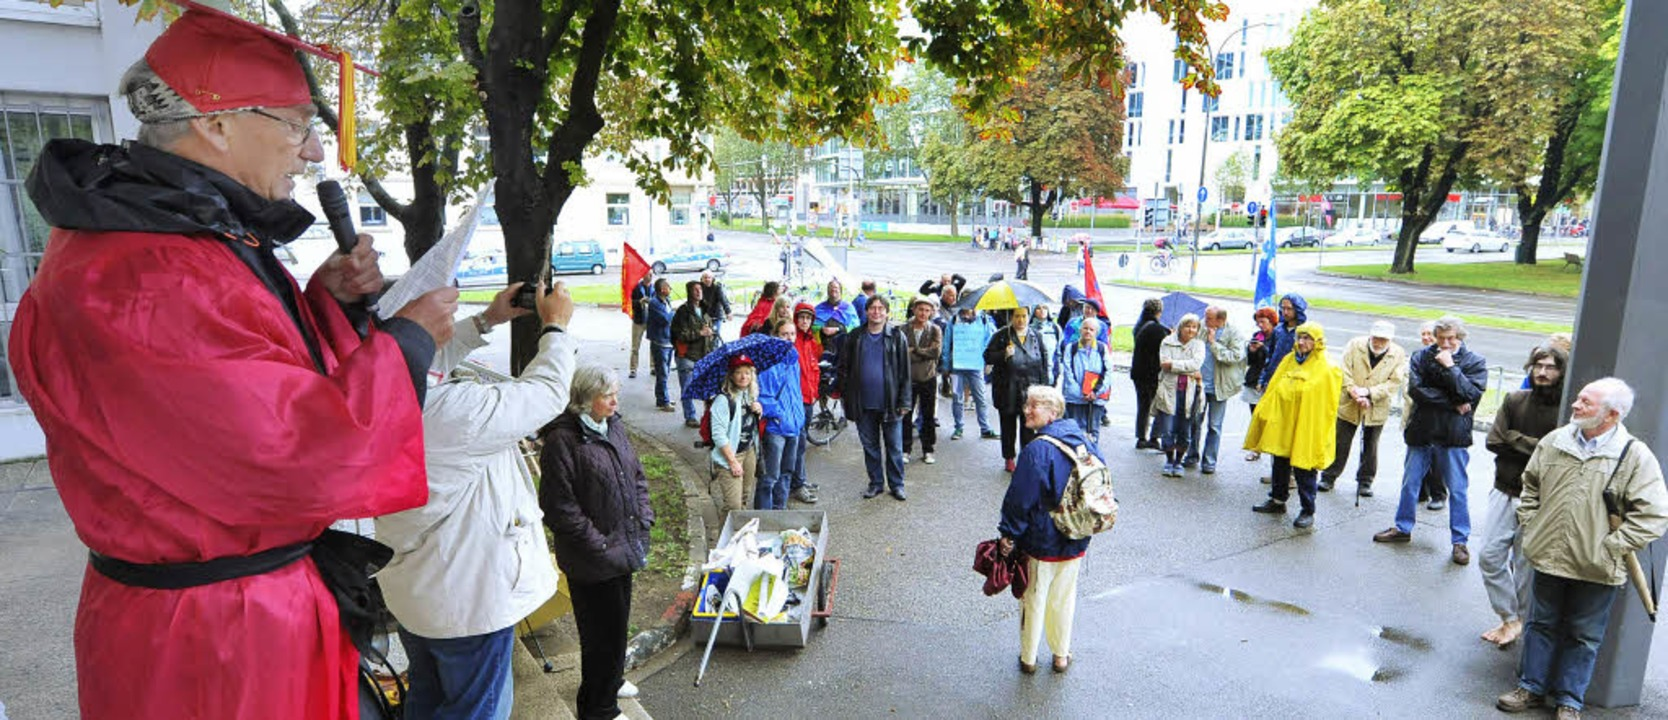 Max Heinke vom Friedensforum steht in ...gplatz und fordert eine Zivilklausel.     Foto: Michael Bamberger